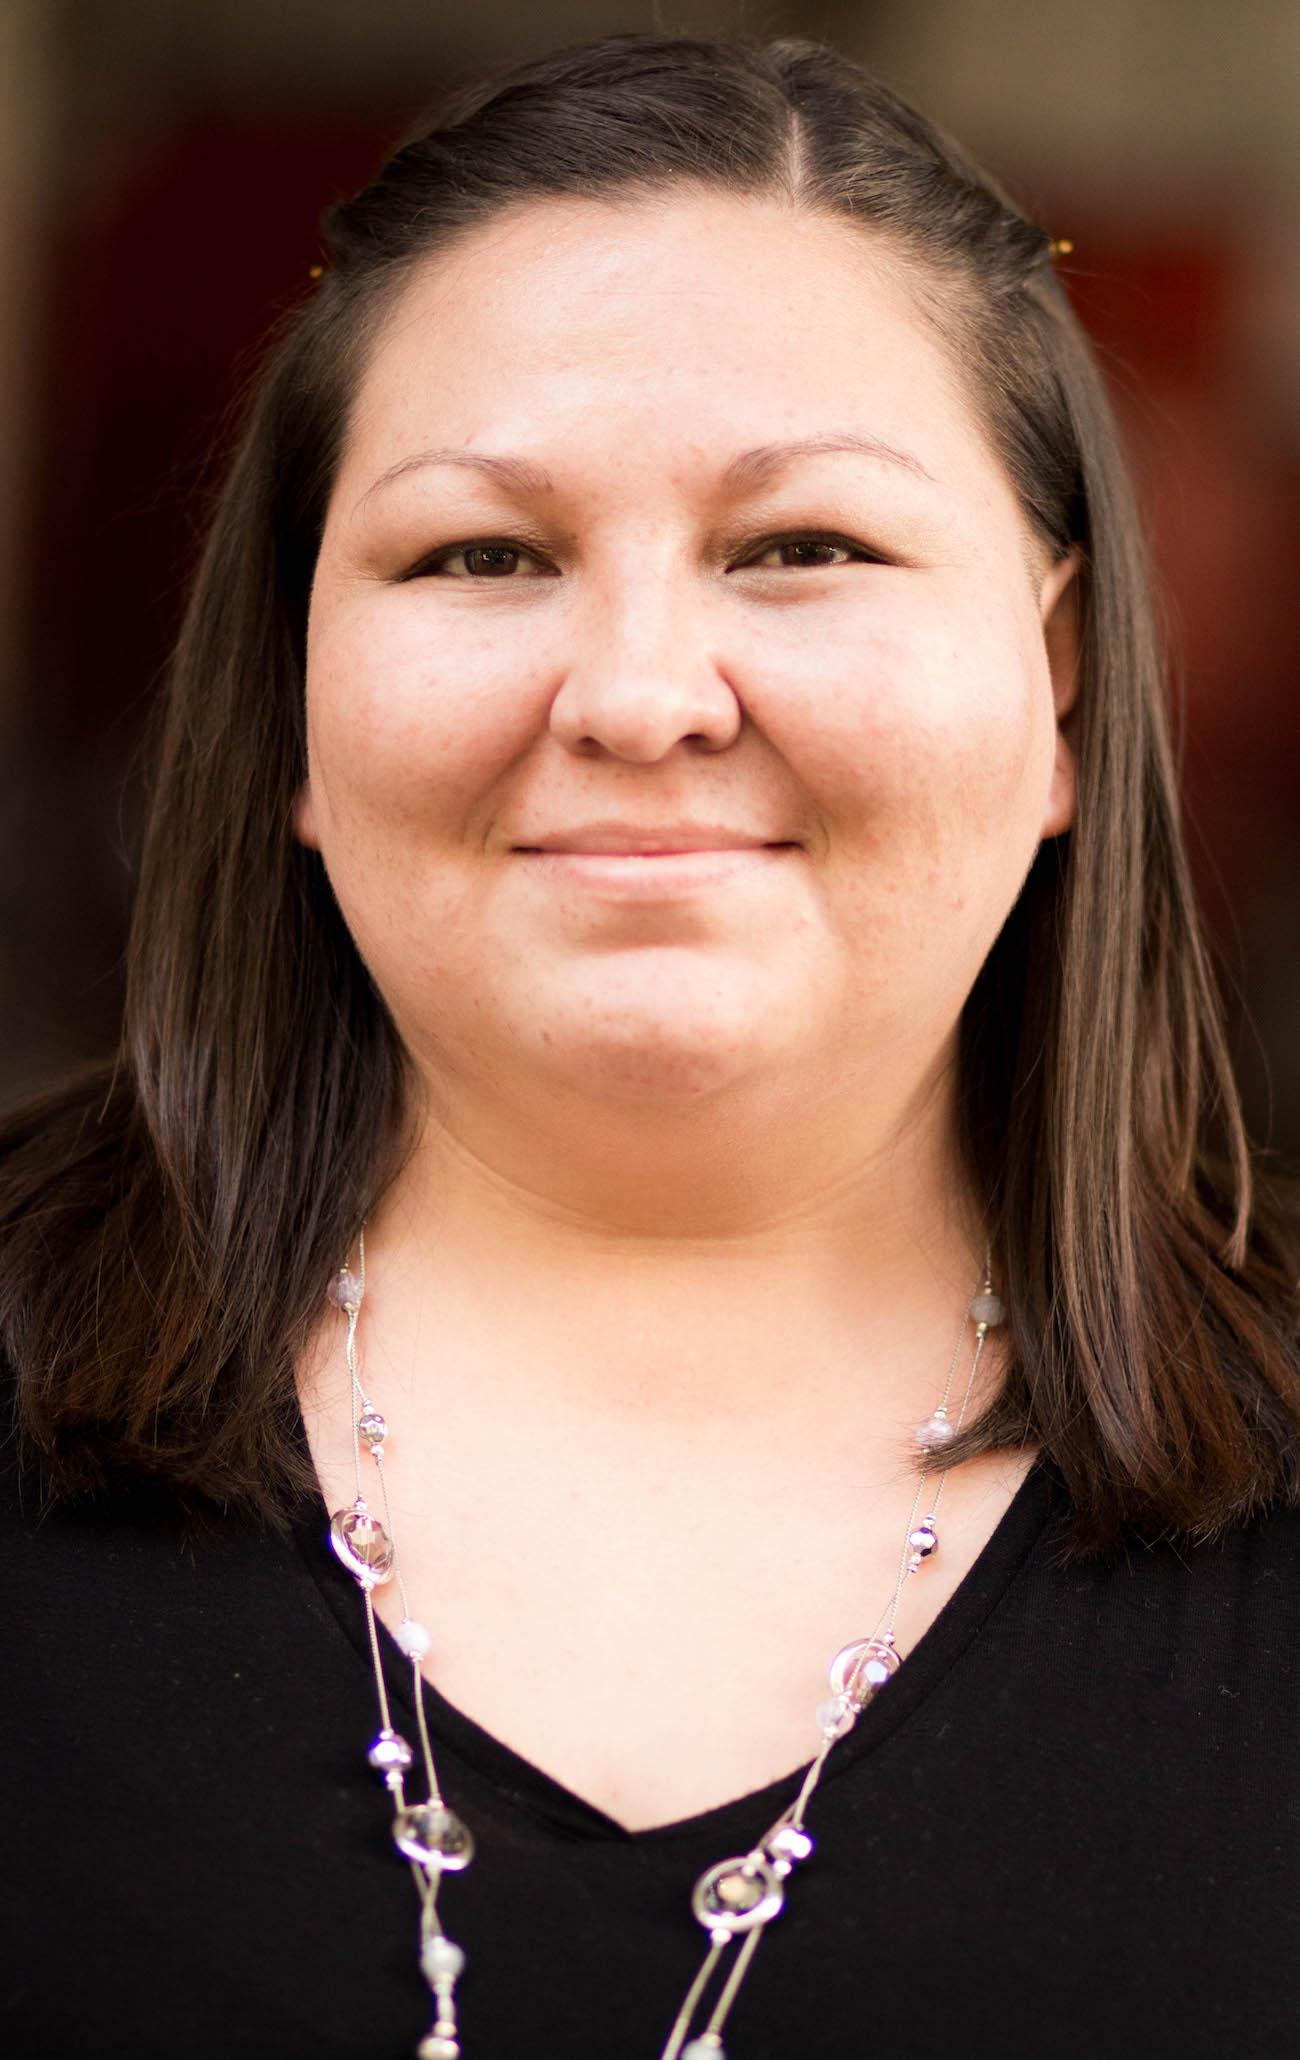 JenelleWatchman